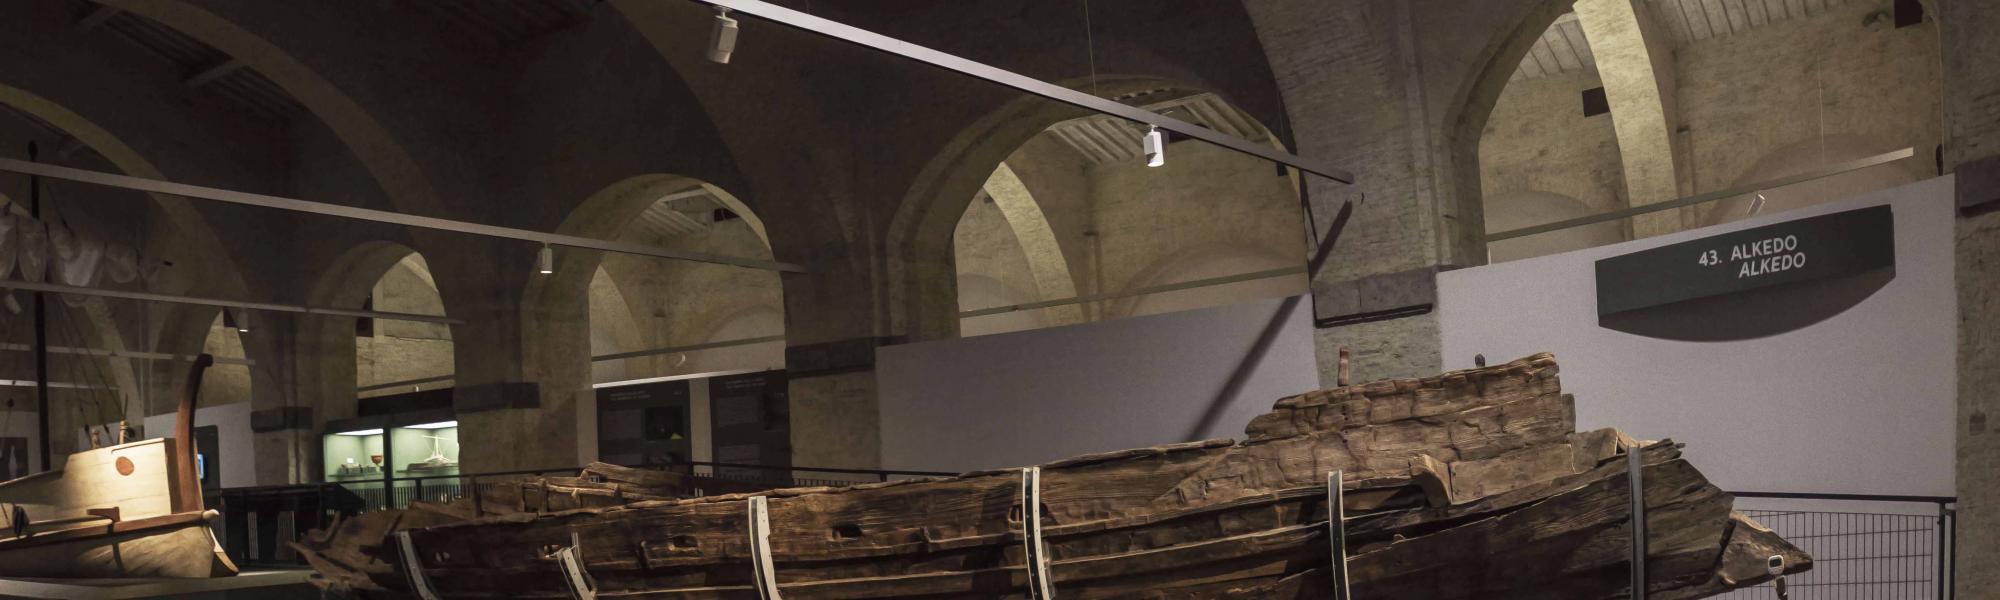 Una delle navi restaurate (Museo Navi Romane)